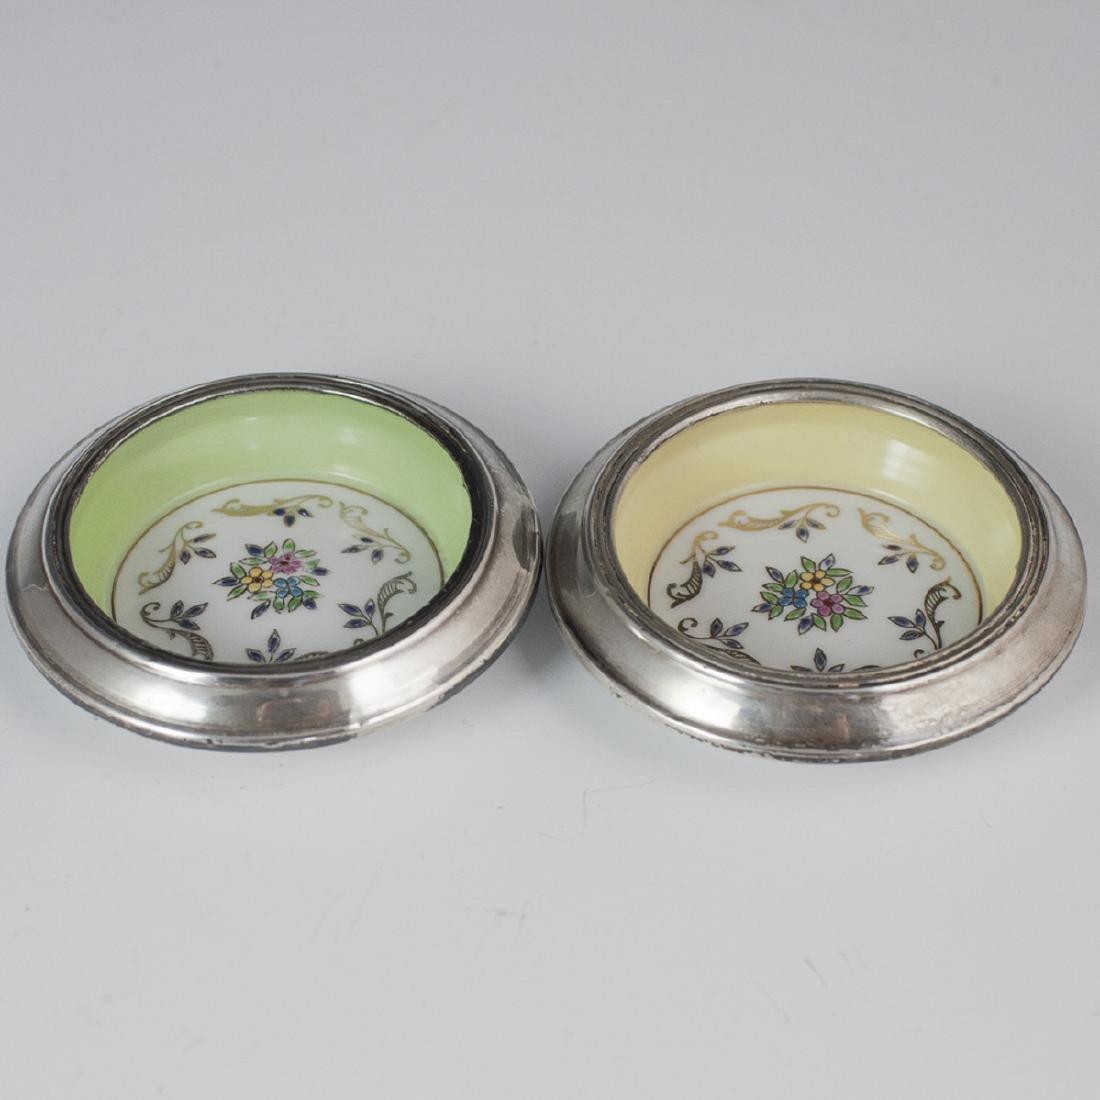 Hunt Hallmark Sterling Enameled Porcelain Coasters